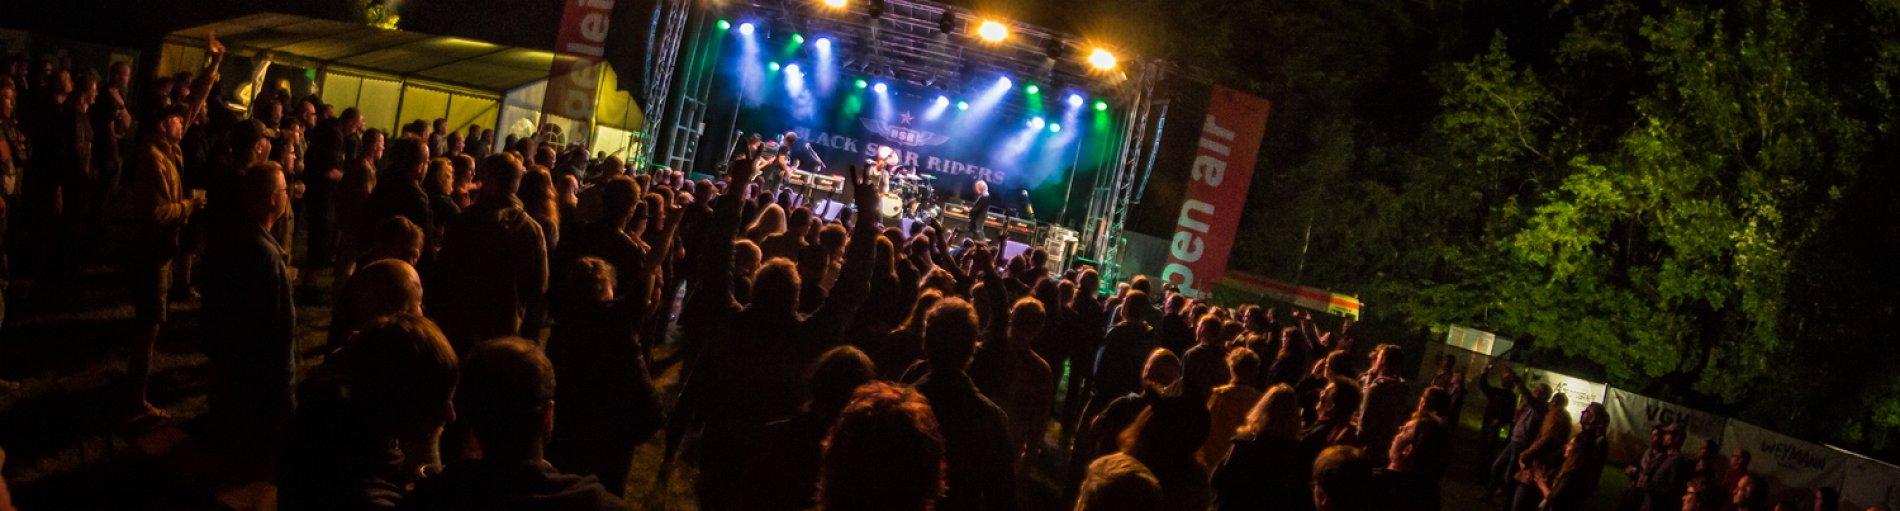 Das Ziegelei Open Air 2017 am späten Abend. Die Bühne ist bunt beleuchtet und davor feiert das Publikum.